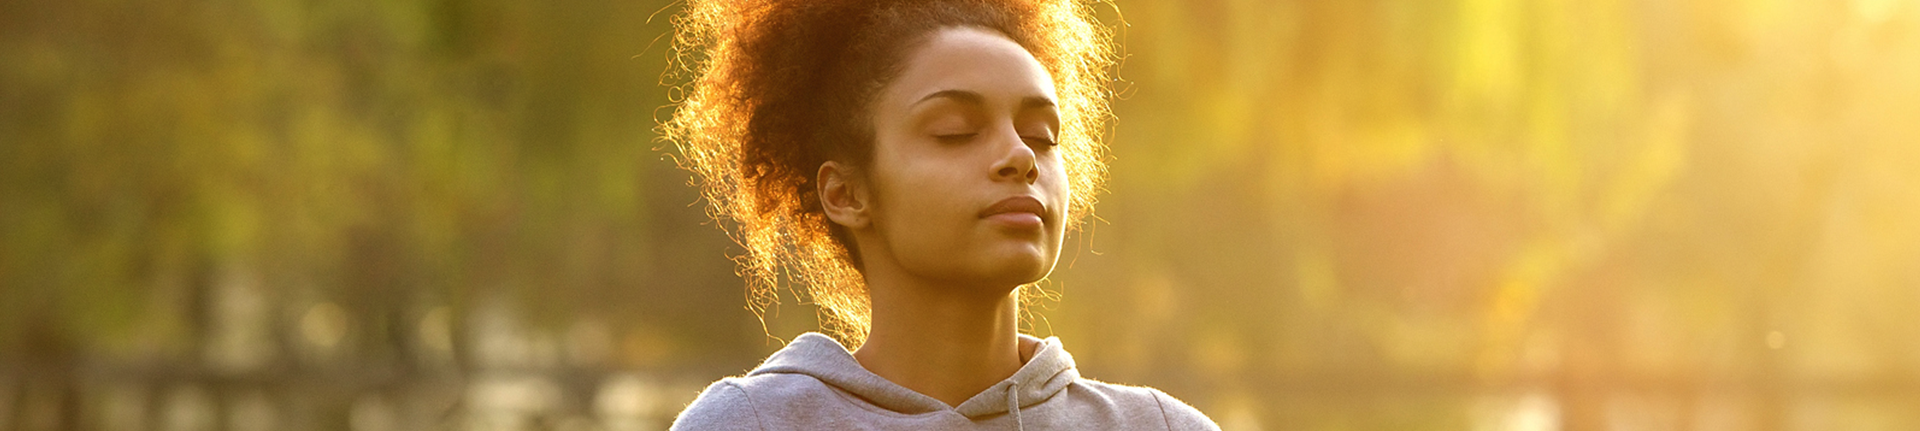 Exercícios de respiração para aliviar o estresse